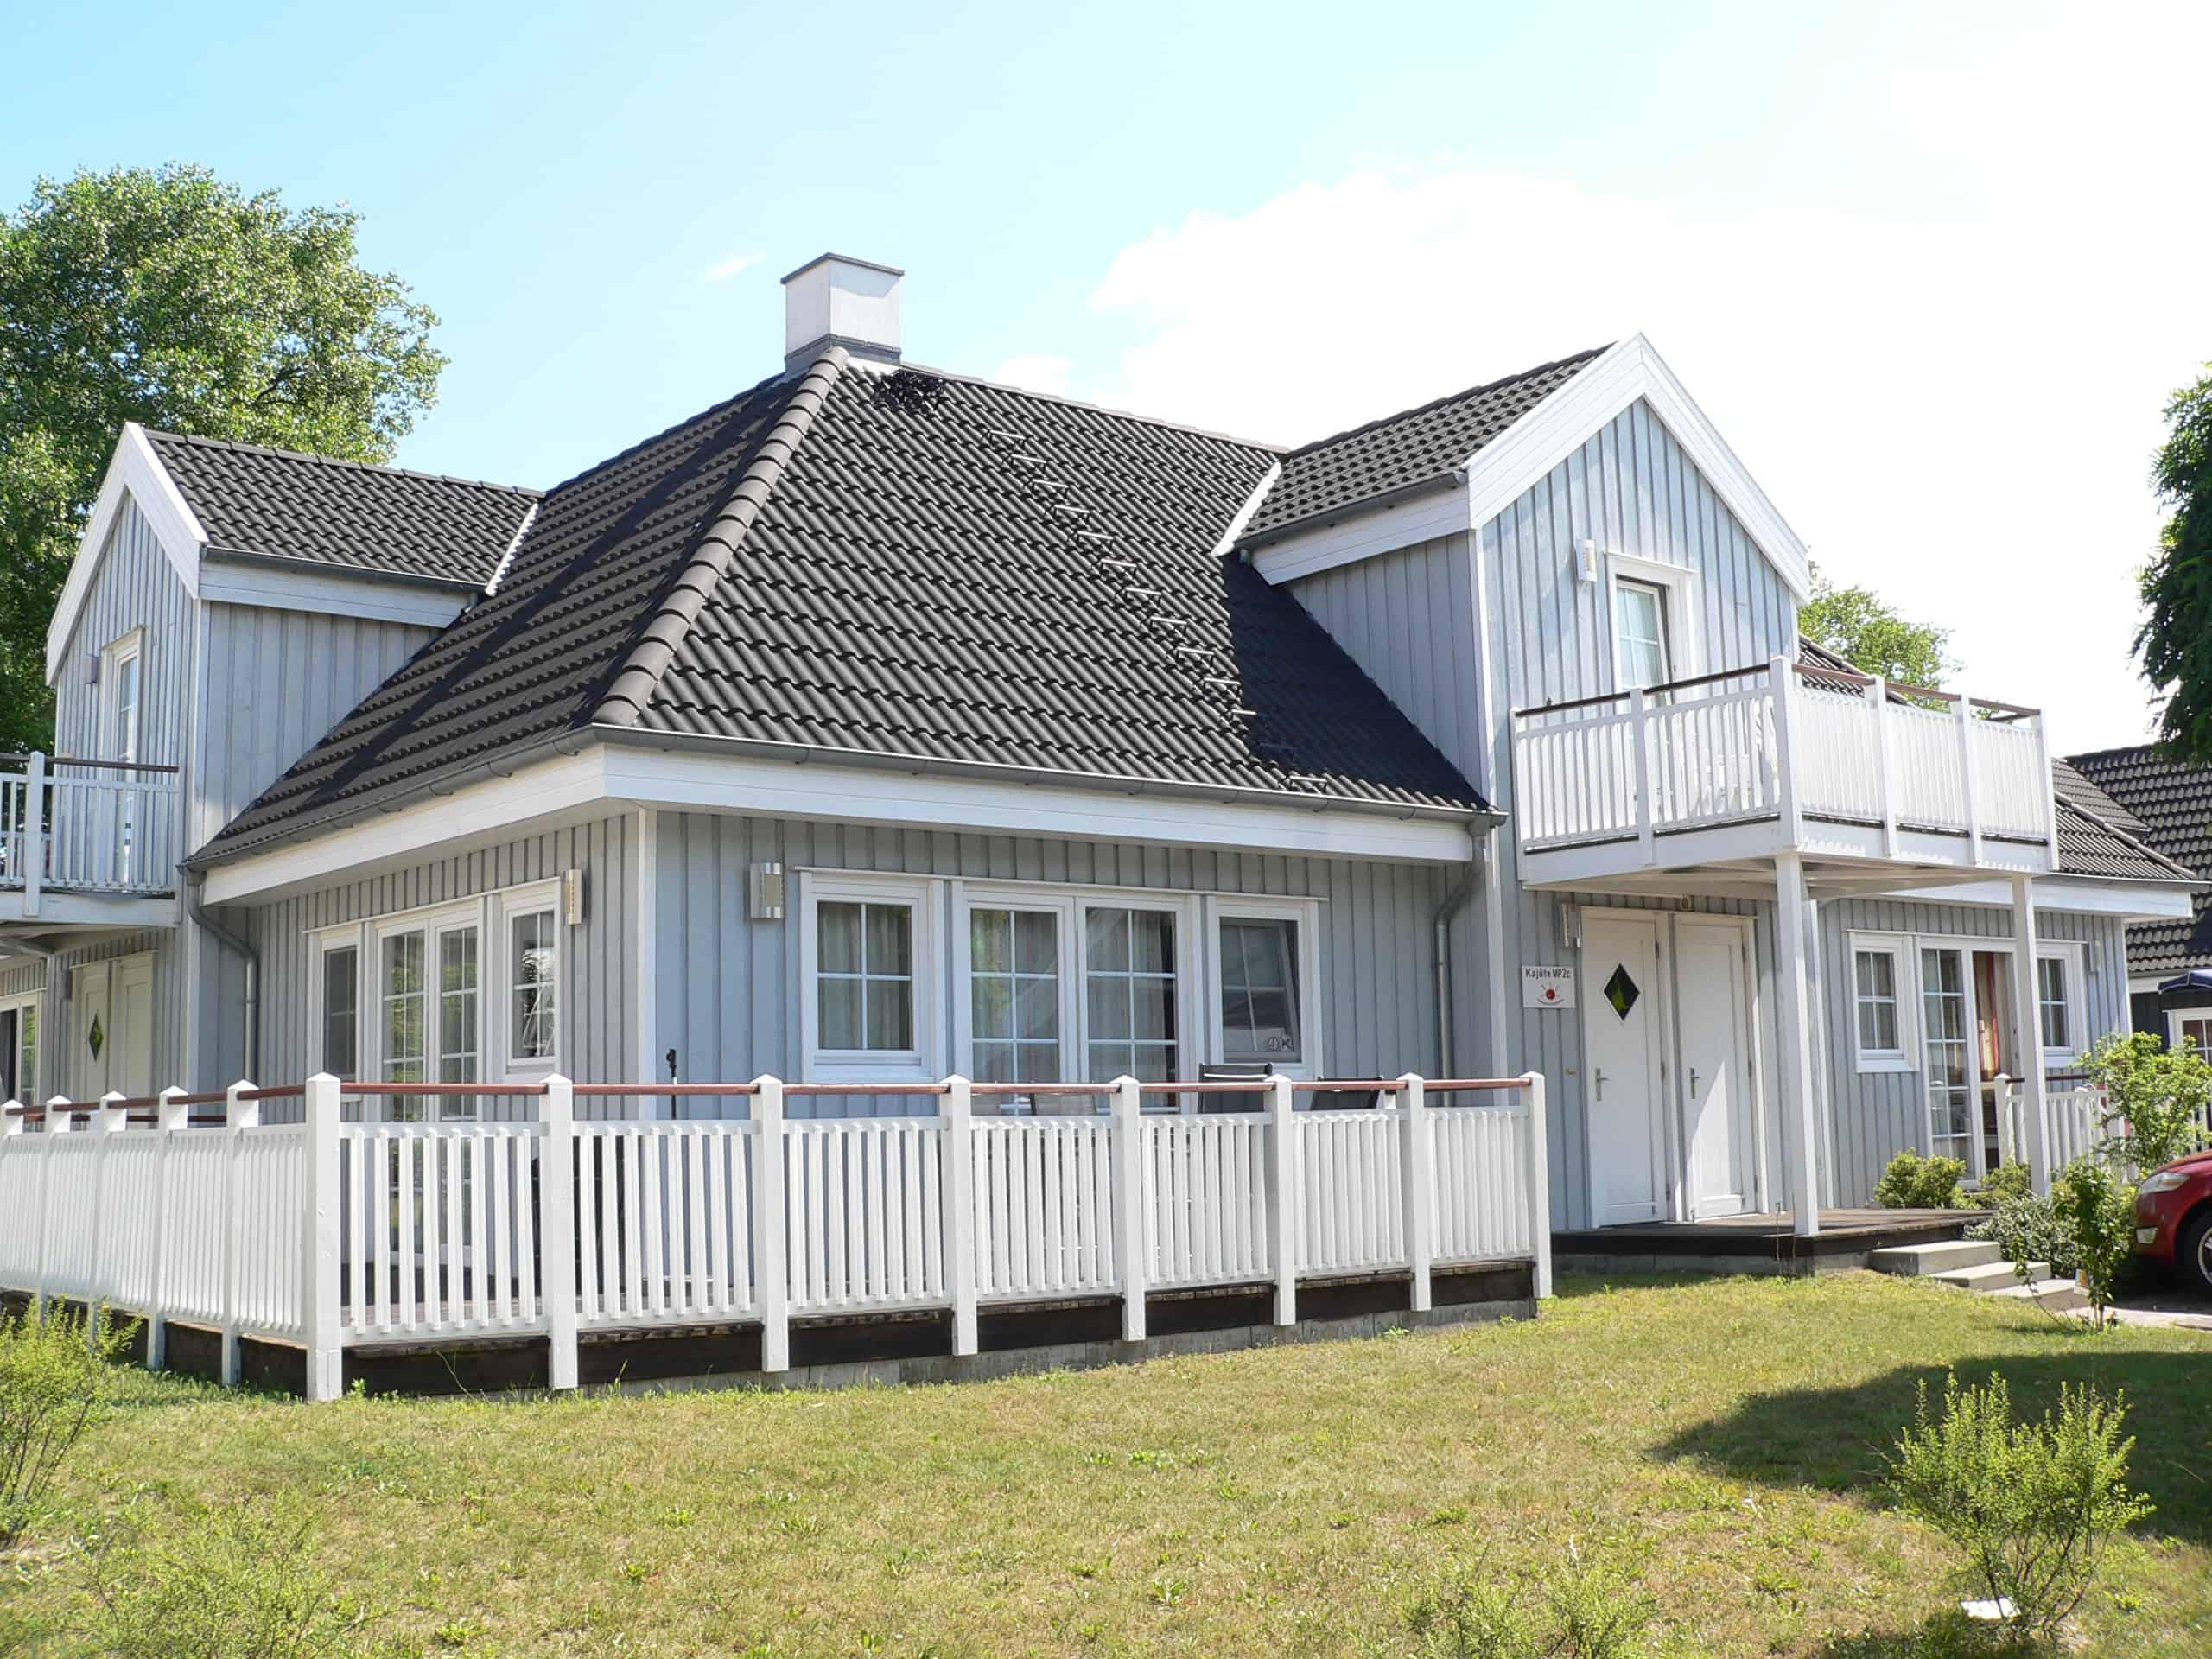 Ferienhaus Kajüte XL inkl. Nebenkosten in Wendisch Rietz